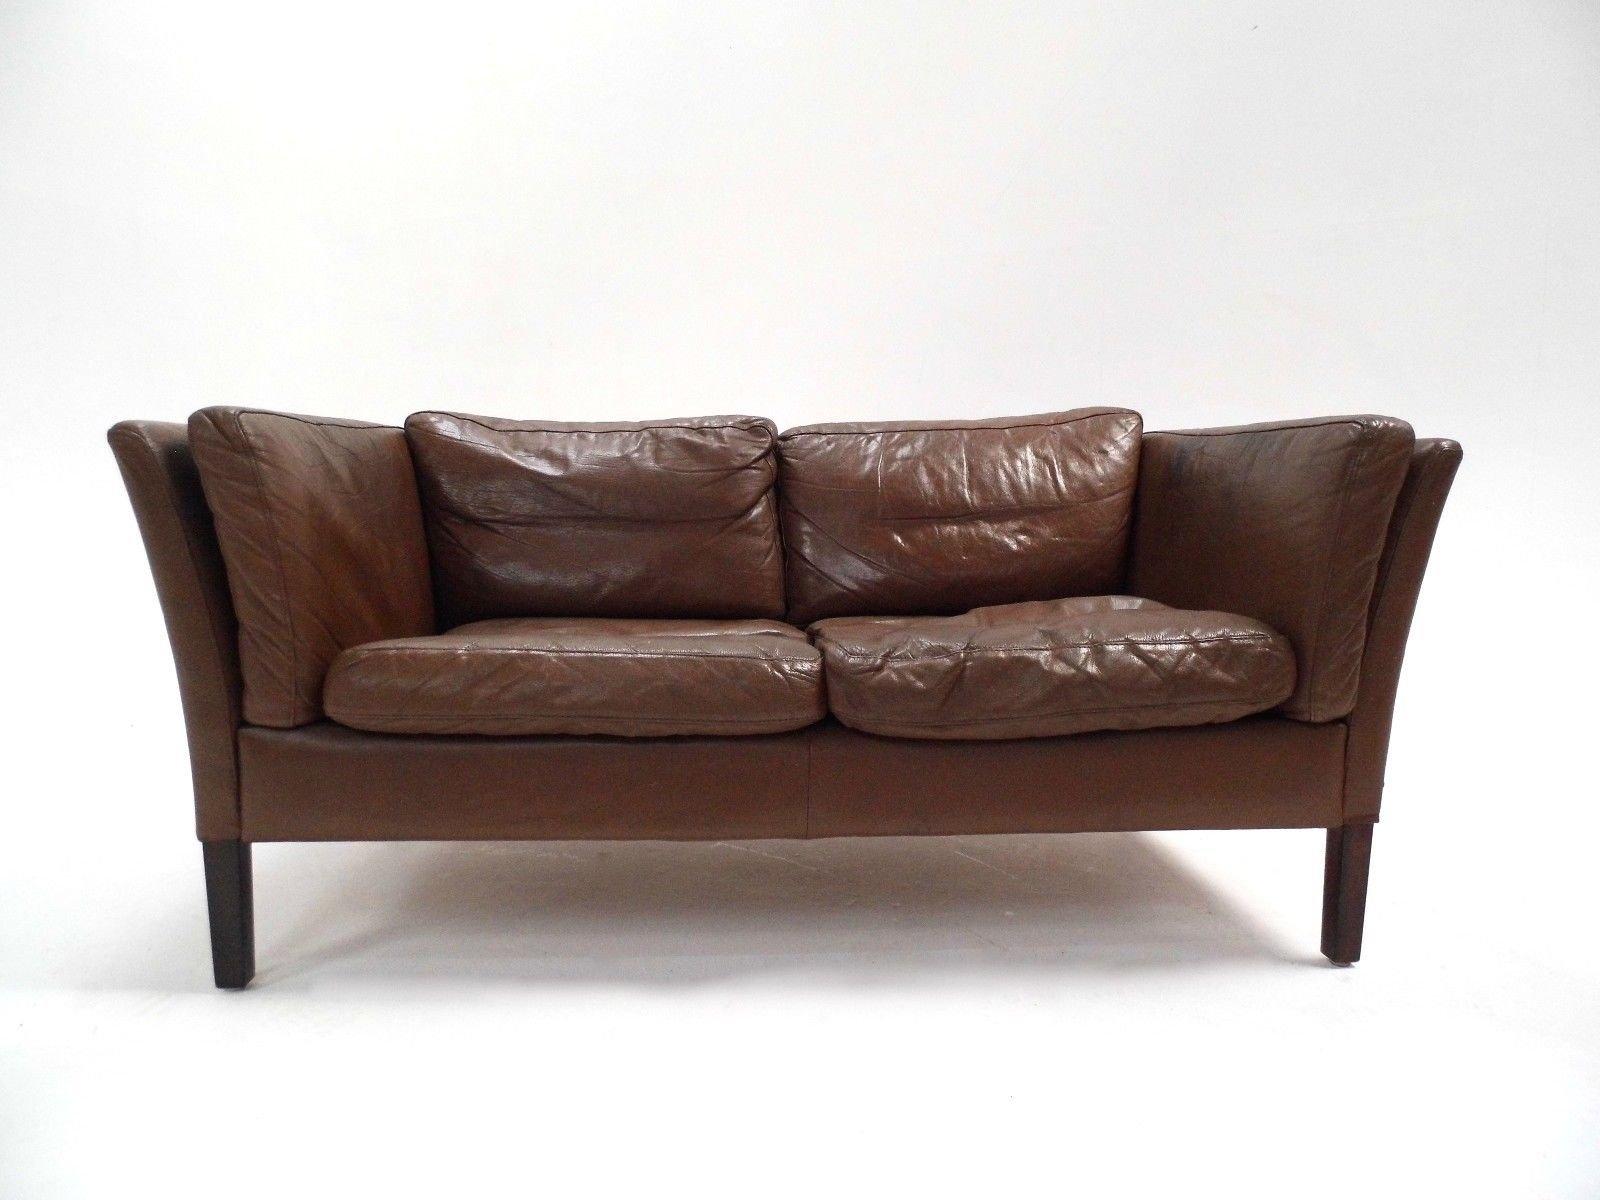 d nisches braunes zwei sitzer ledersofa 1960er bei pamono. Black Bedroom Furniture Sets. Home Design Ideas